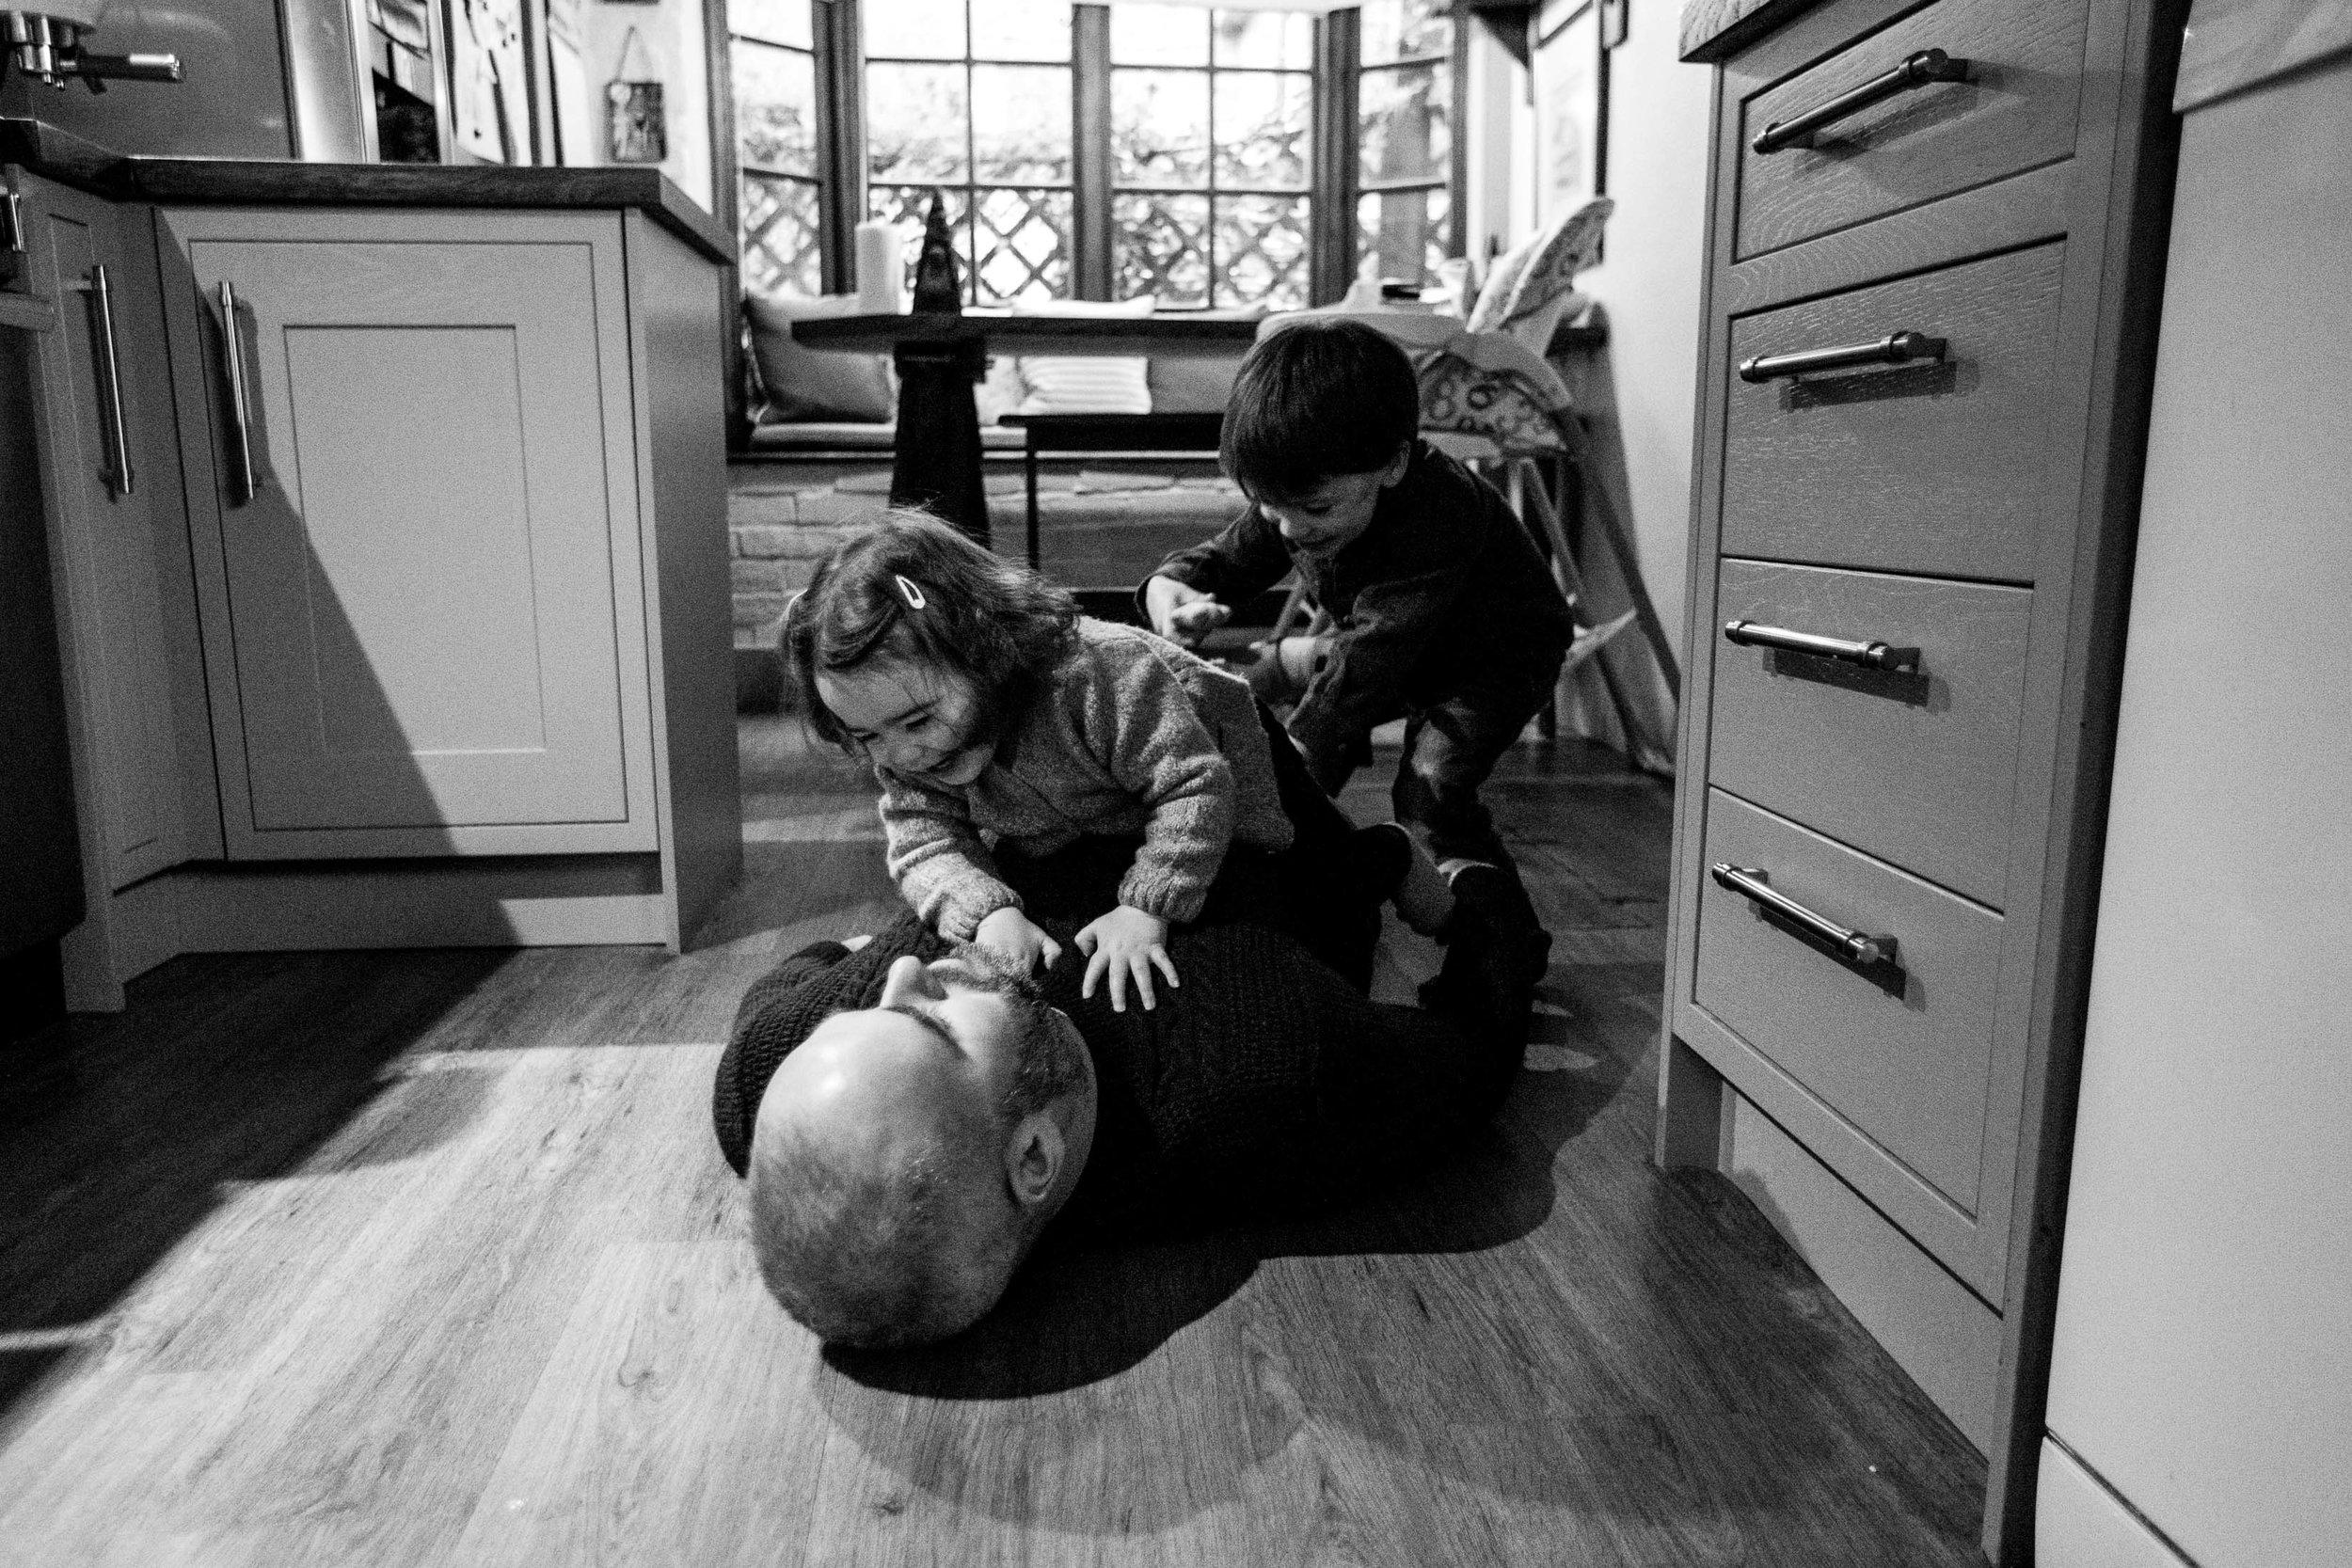 Brazier-family-slideshow-5.jpg